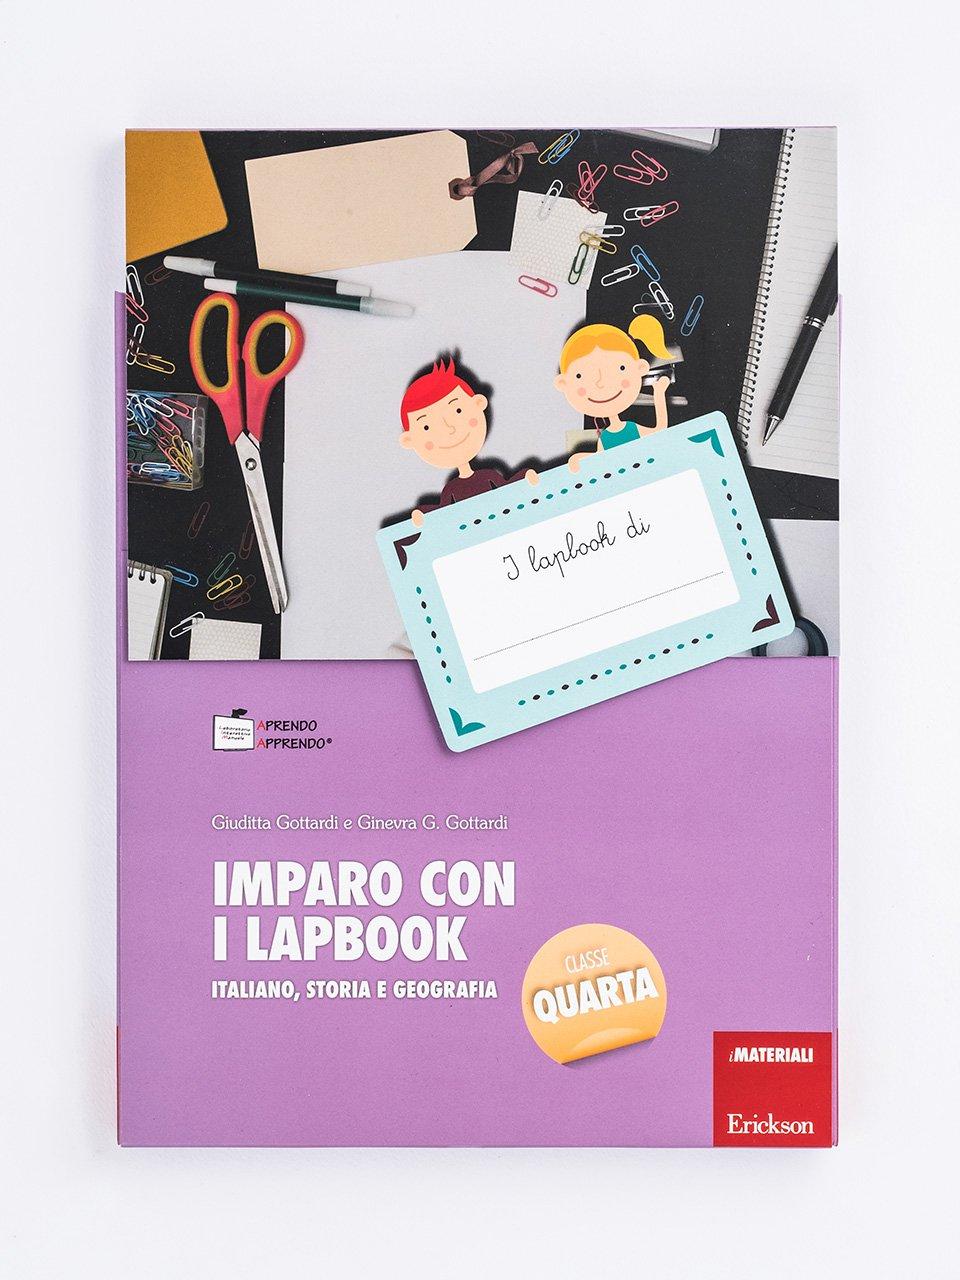 Imparo con i lapbook - Italiano, storia e geografia - Classe quarta - Come imparare e studiare meglio con i lapbook - Erickson